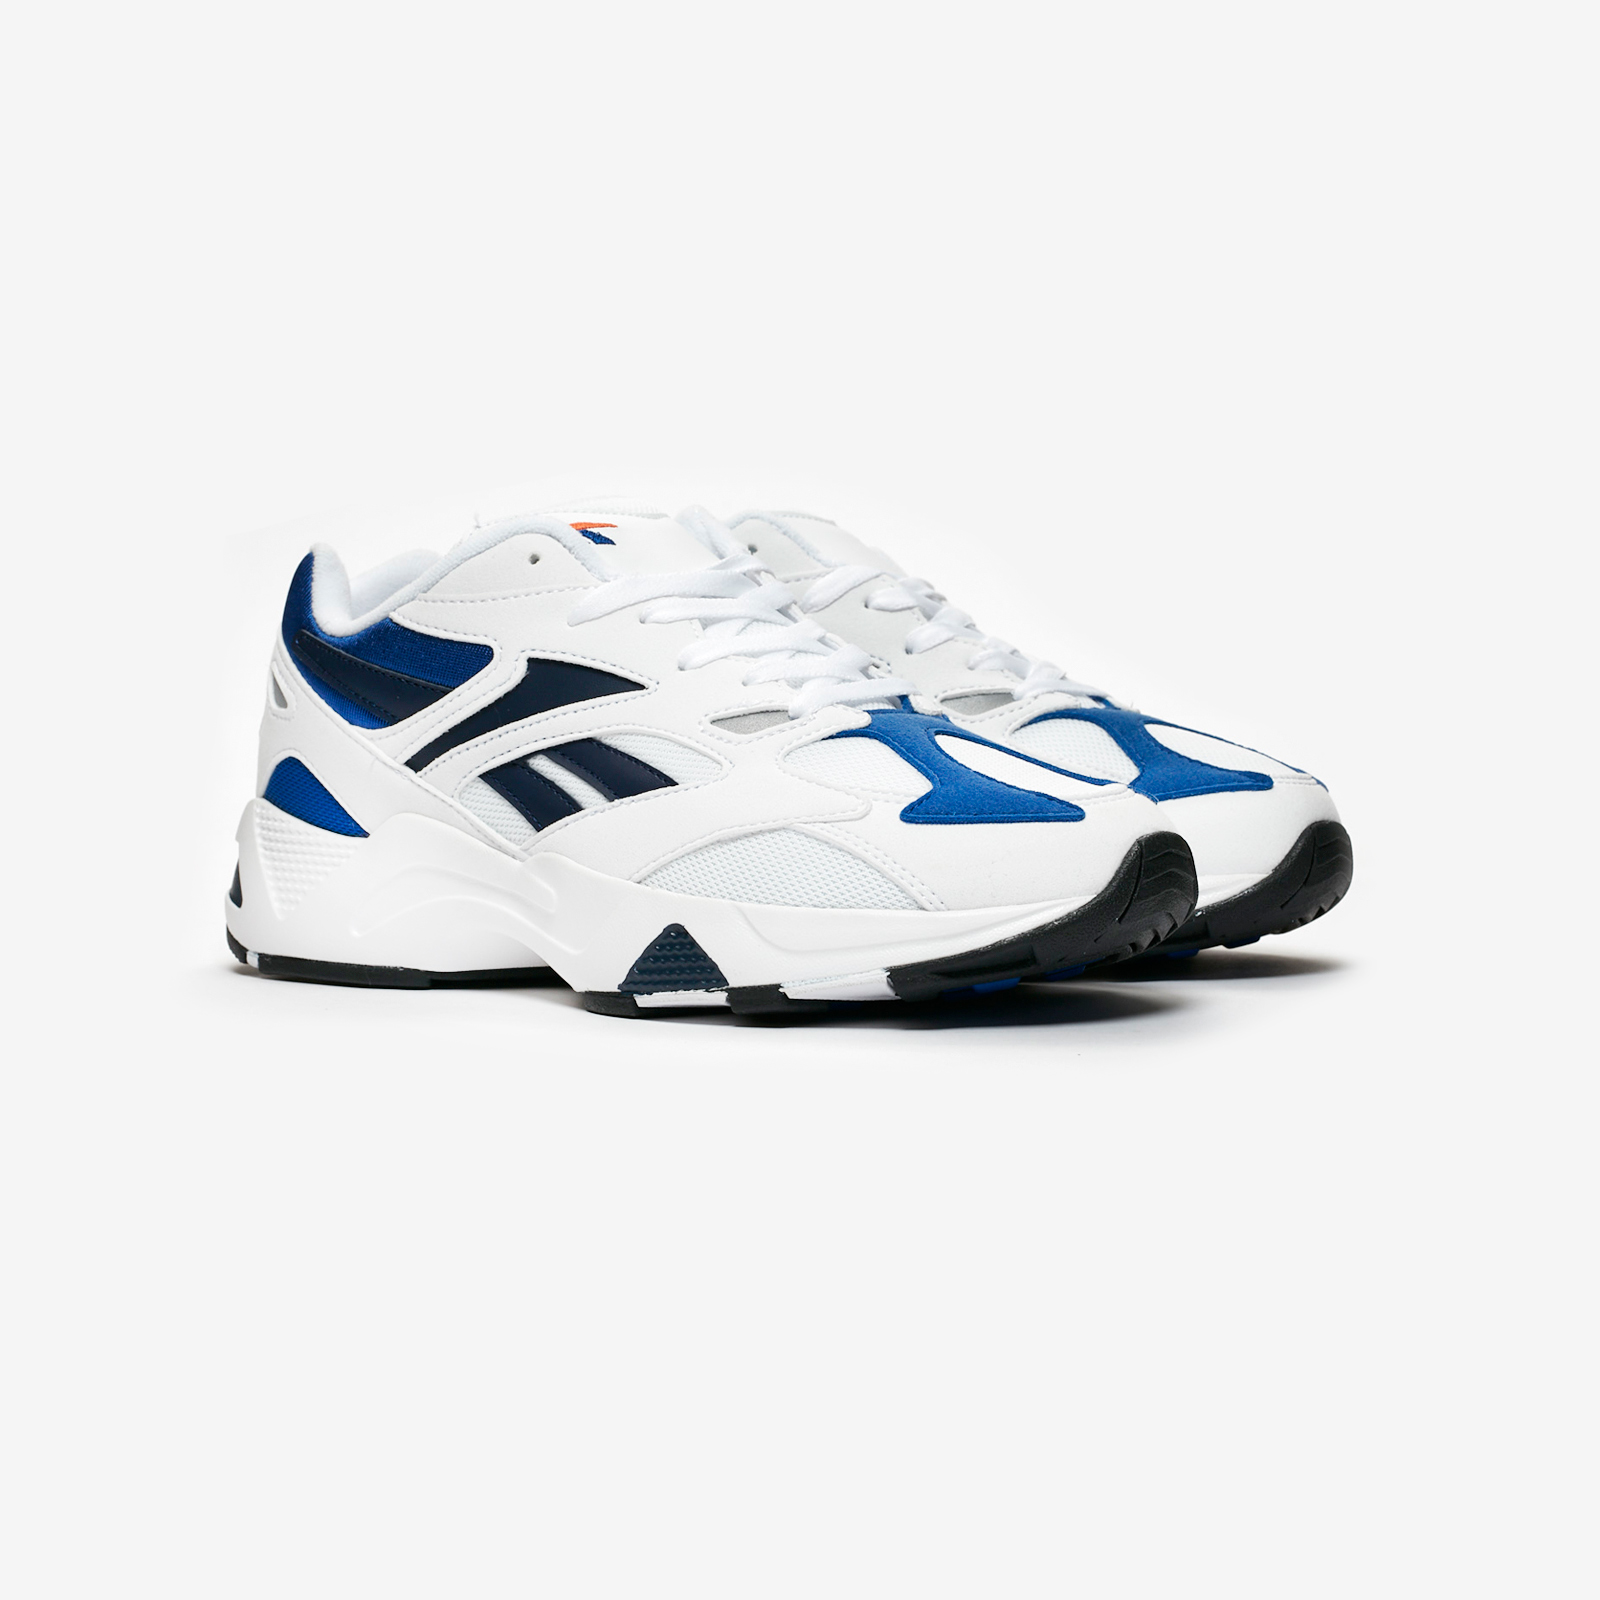 fdec99f6e0e Reebok Aztrek 96 - Dv6756 - Sneakersnstuff   sneakers & streetwear online  since 1999